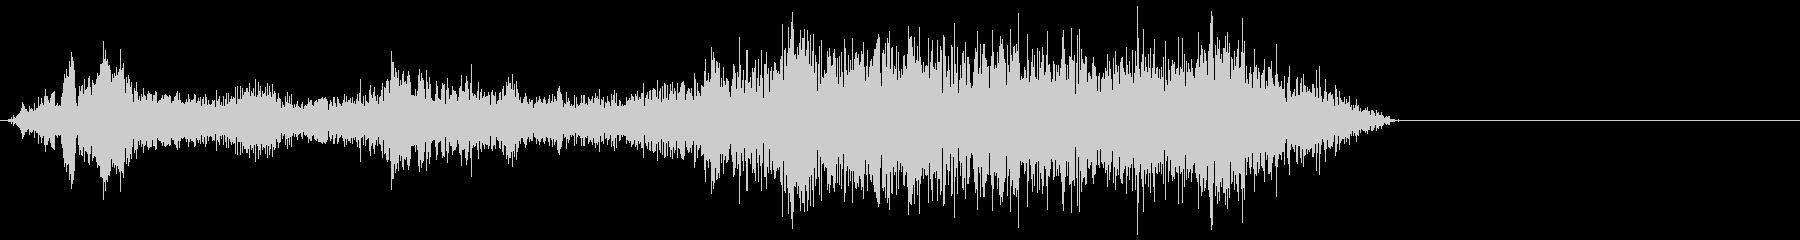 ゾンビ犬低うなり声3の未再生の波形